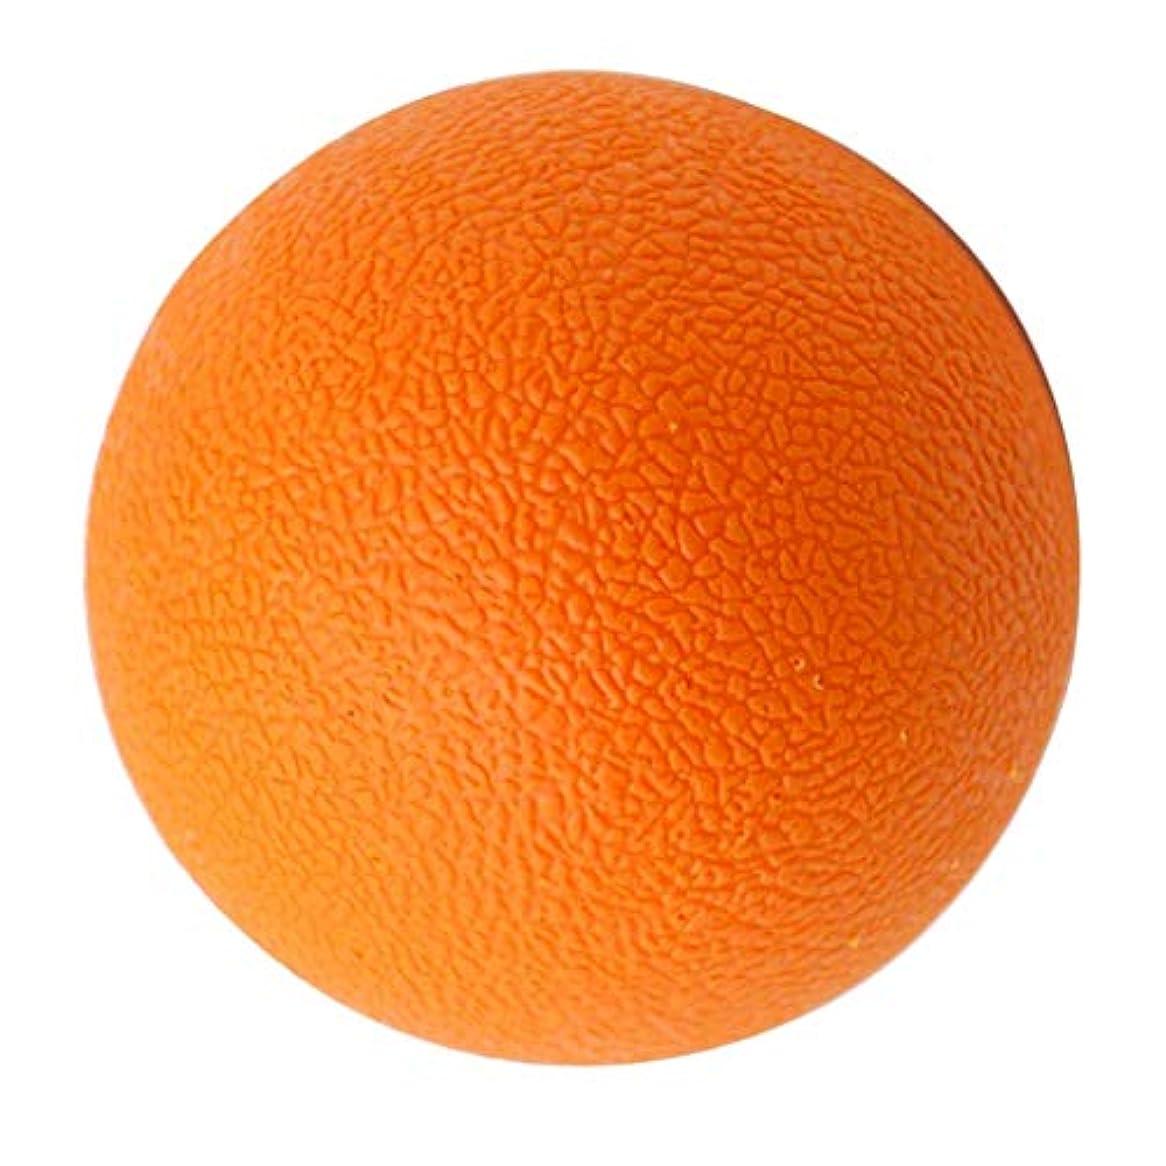 交差点パーフェルビッドおびえたCUTICATE ラクロスボール マッサージボール トリガーポイント 筋膜リリース 腕、首、背中 解消 オレンジ